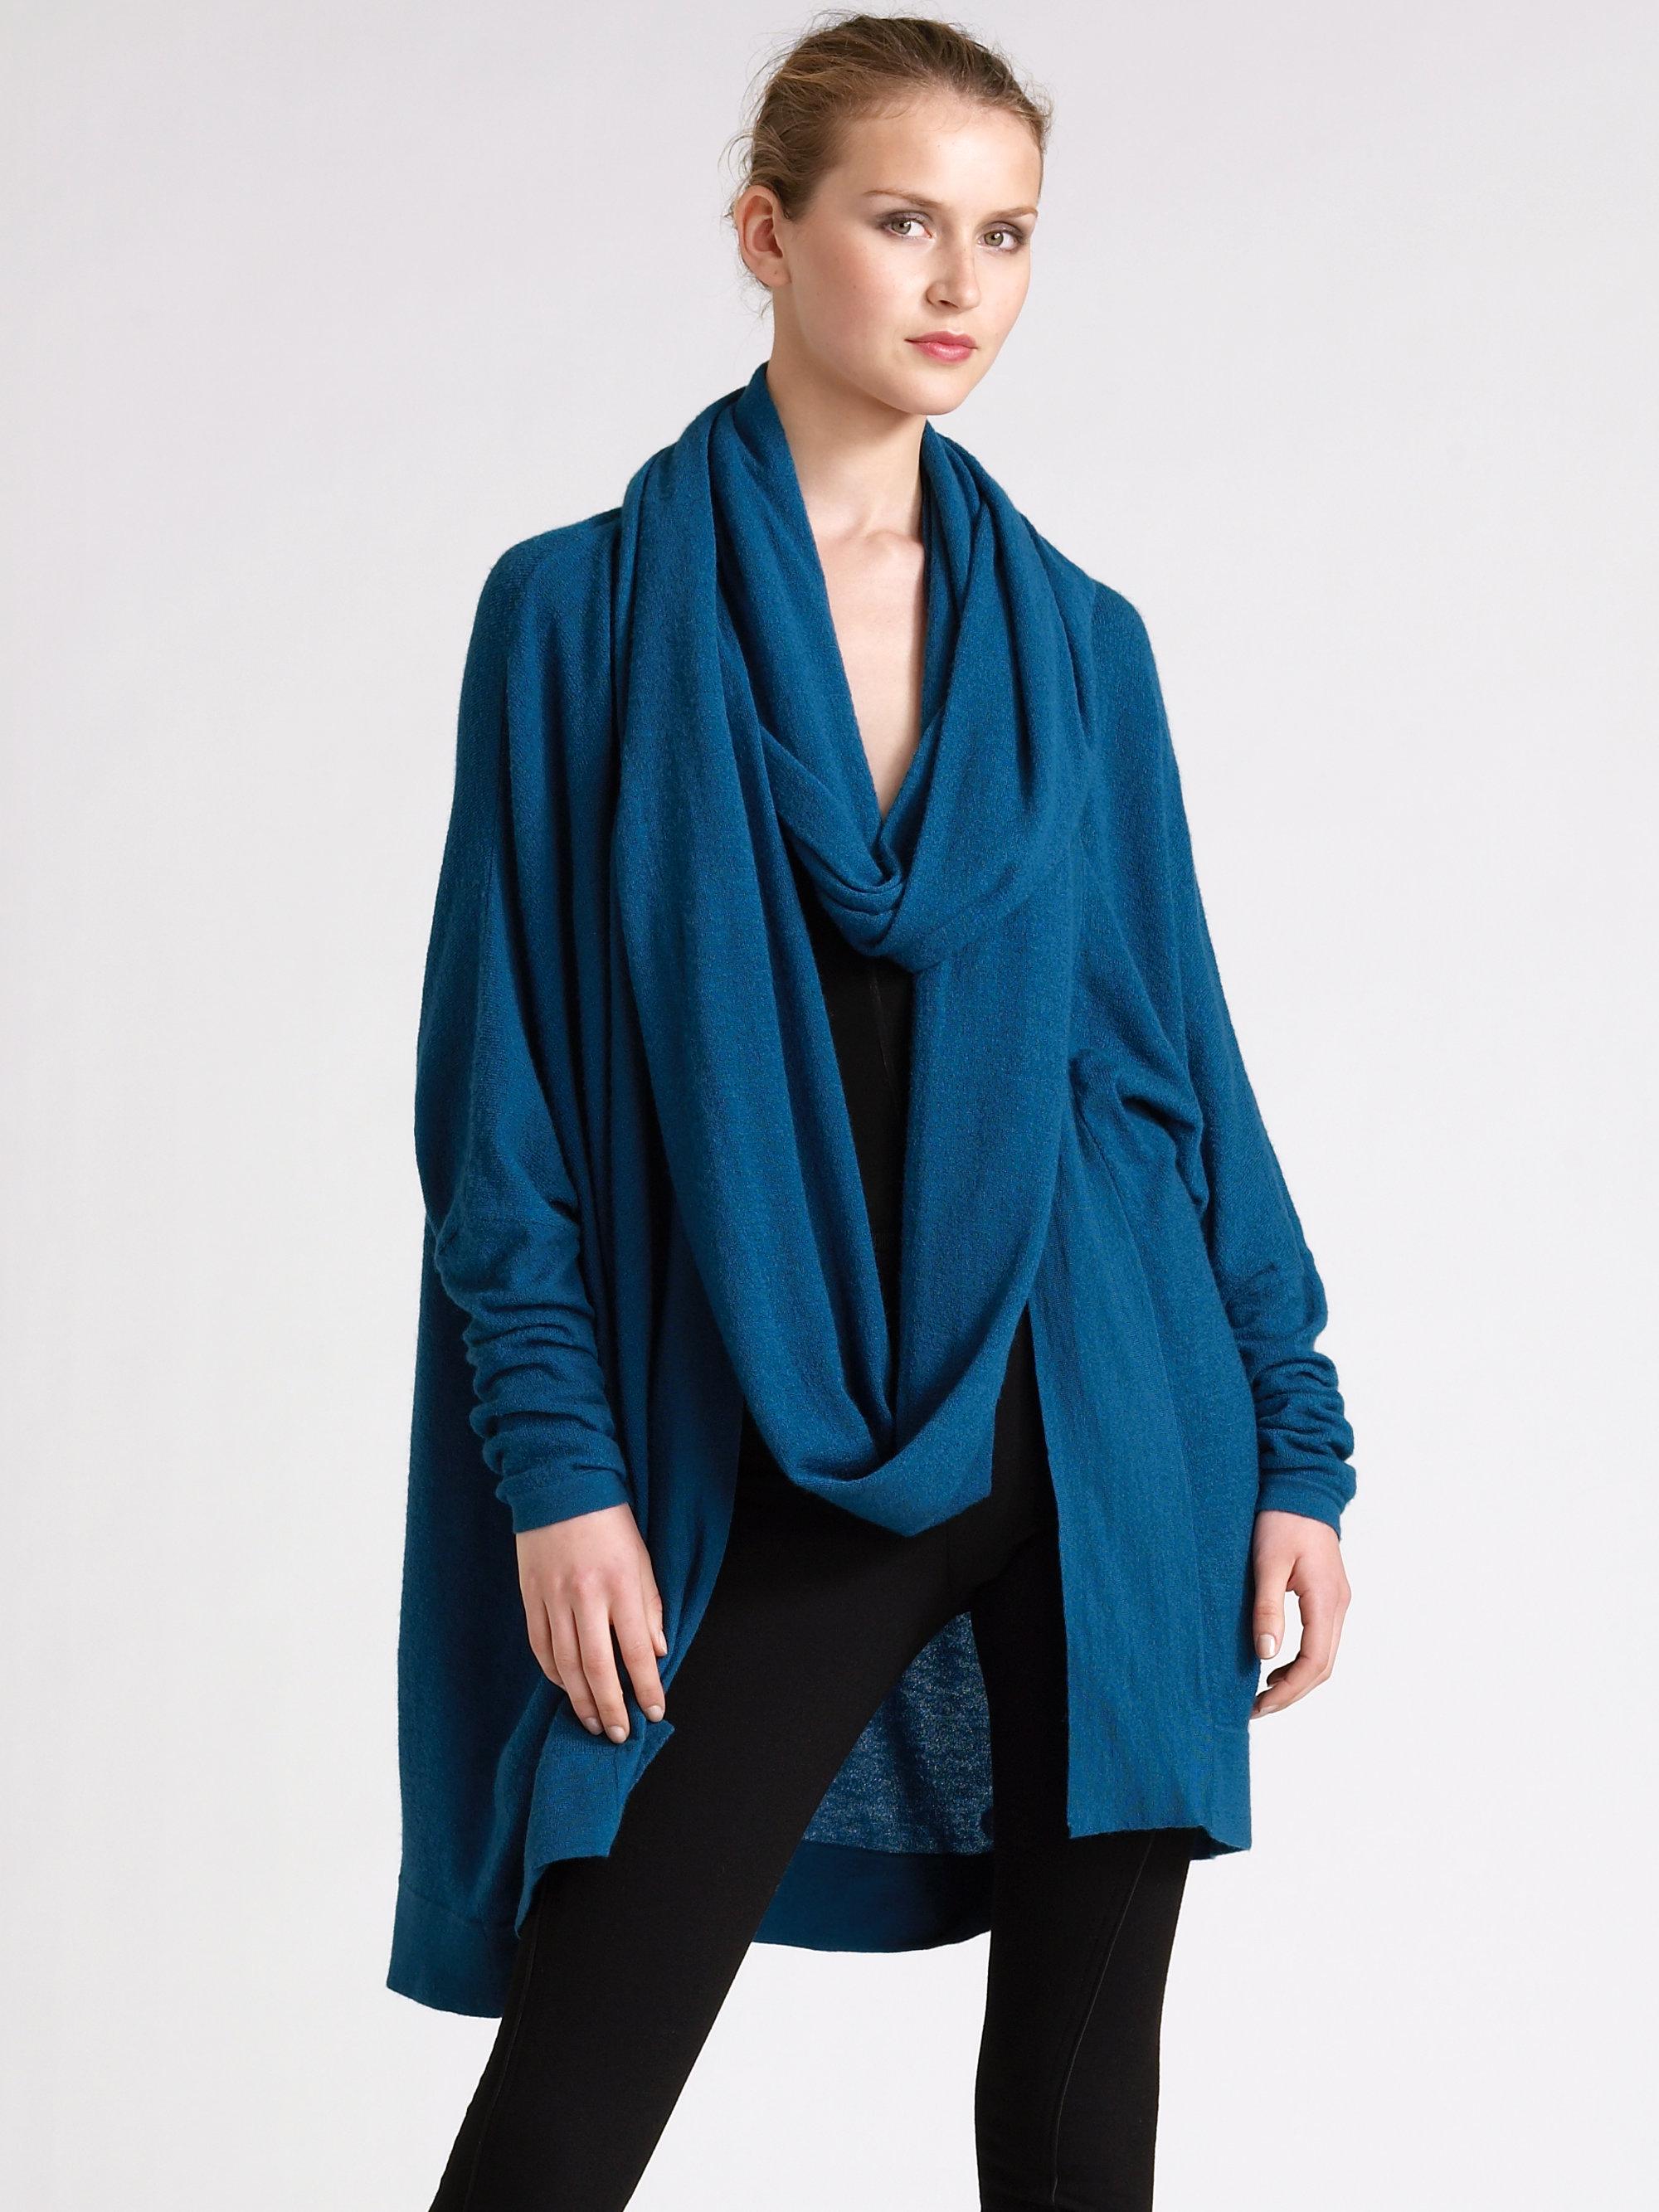 lyst donna karan cashmere infinity scarf in blue for men. Black Bedroom Furniture Sets. Home Design Ideas